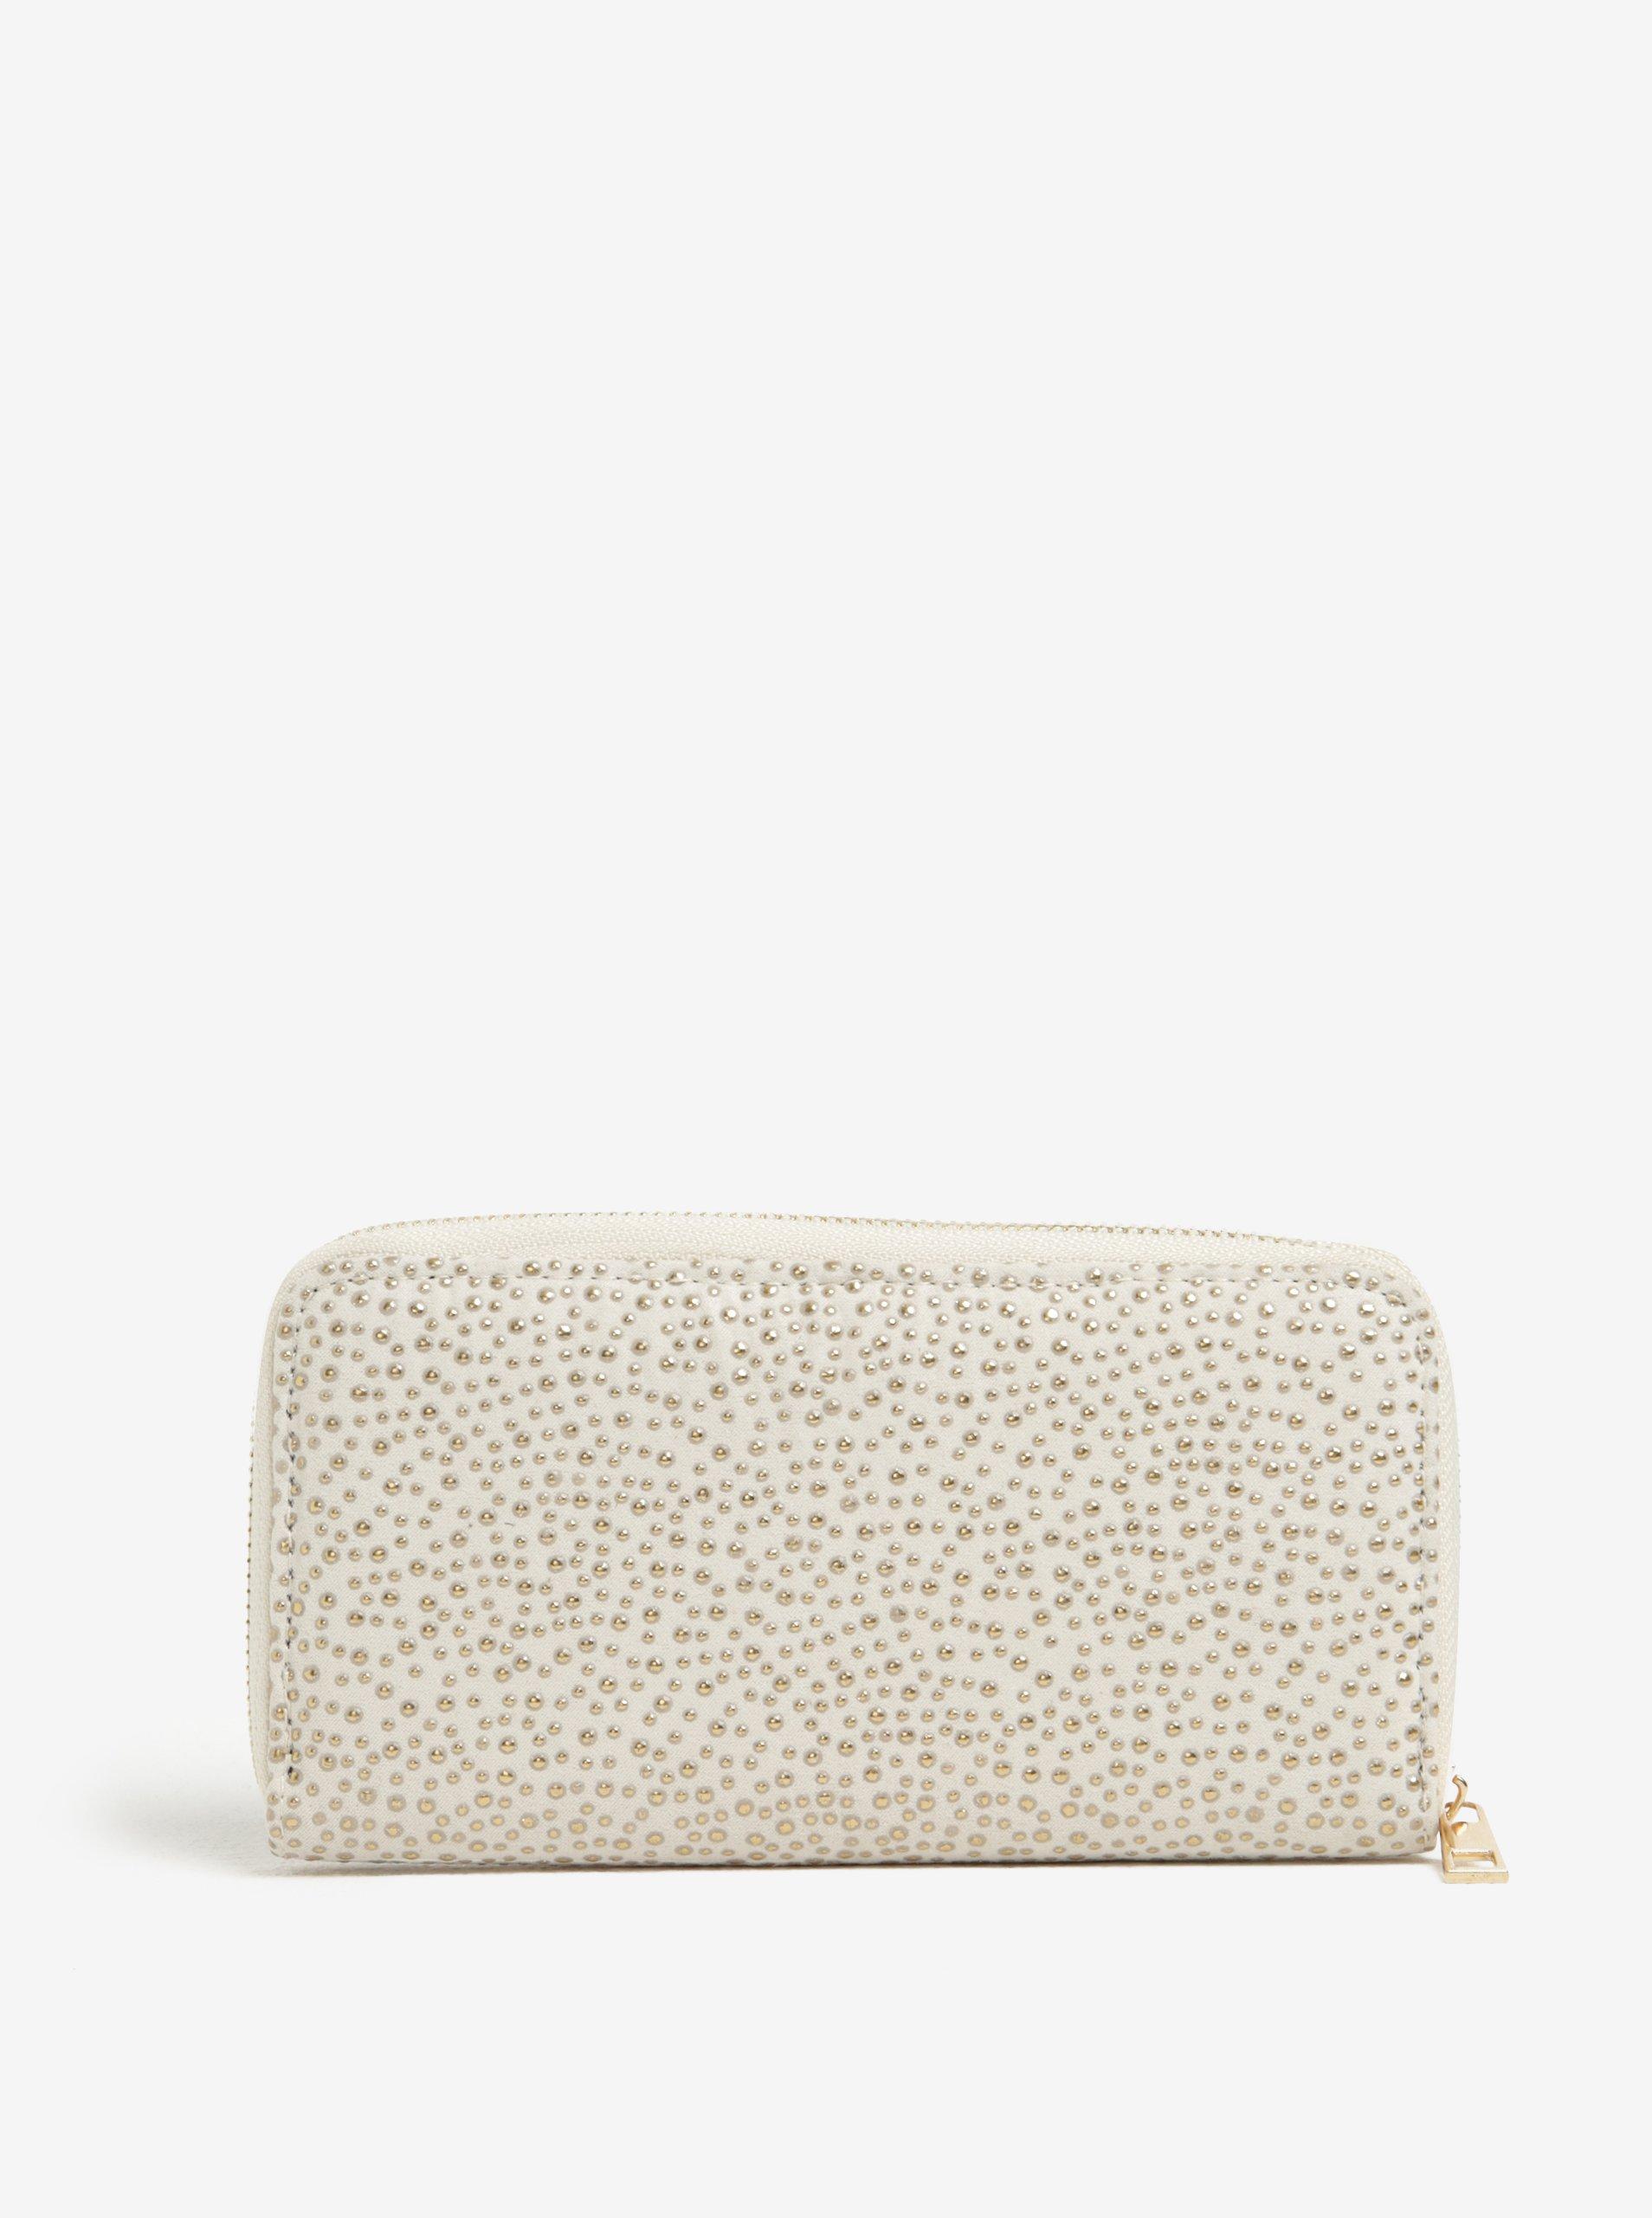 Béžová peněženka s aplikací ve zlaté barvě Haily´s Pam